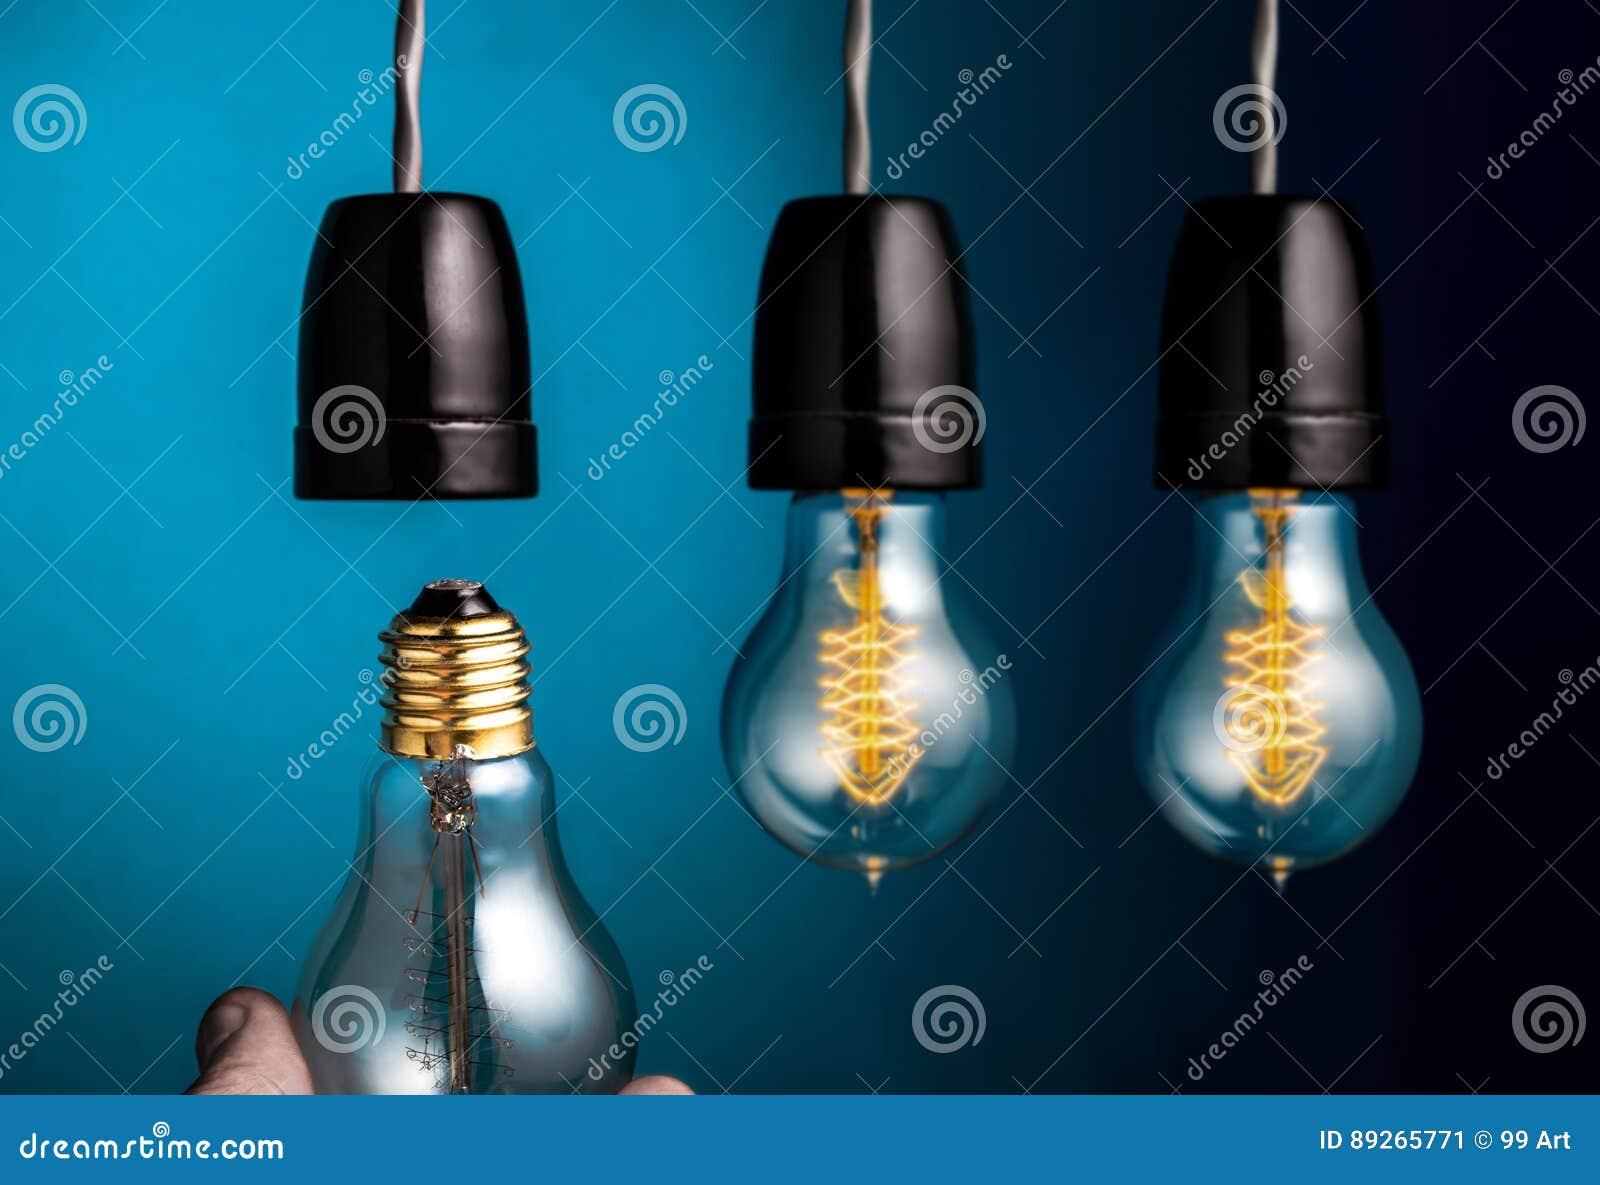 Übergeben Sie das Ändern eines antiken Edison-Artfadens Glühlampen auf dar